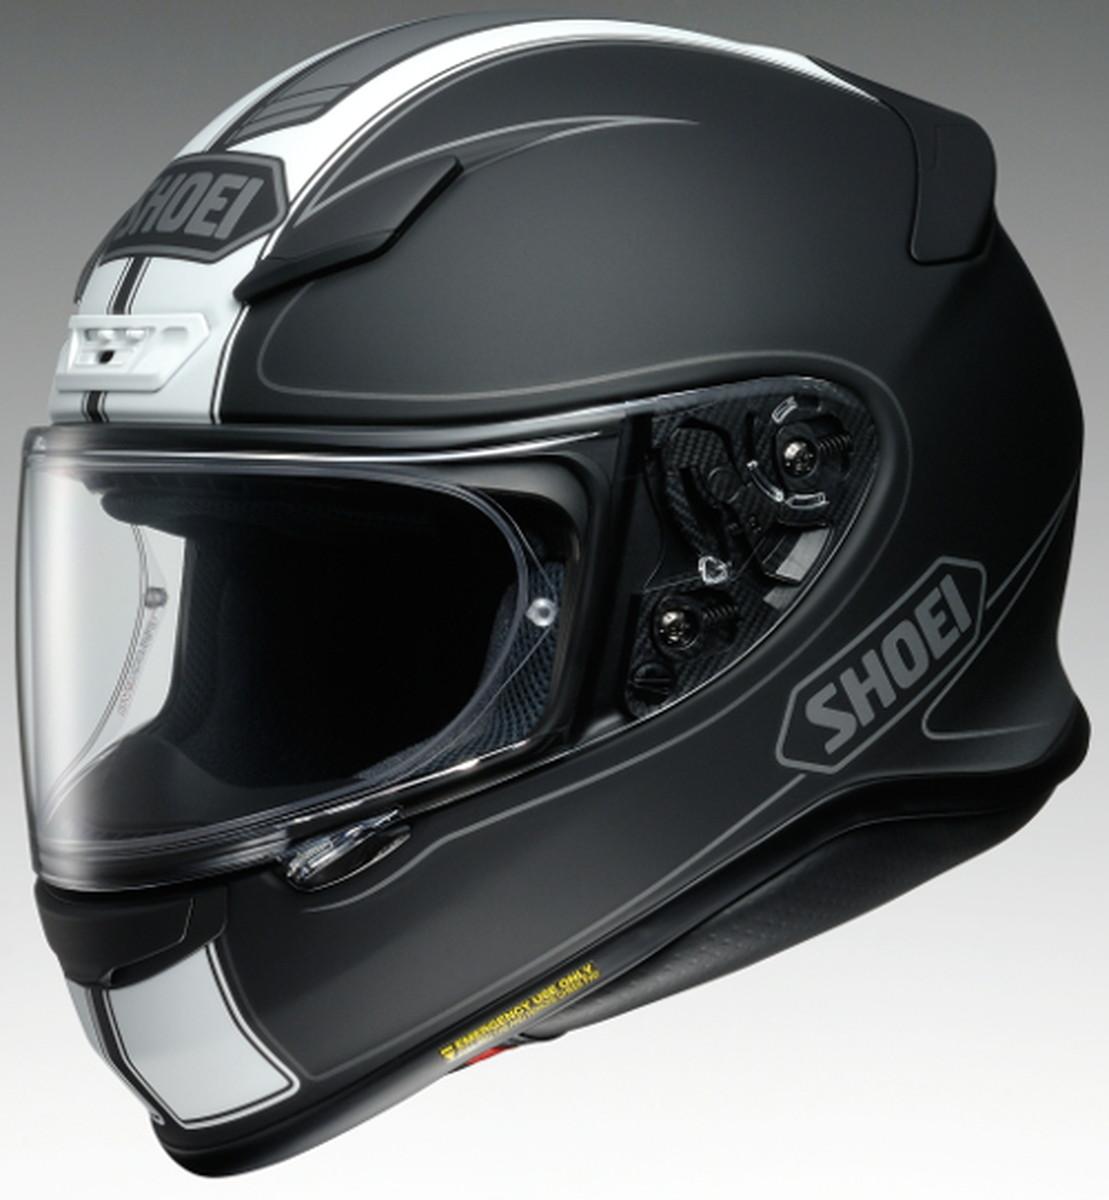 【動画あり】 SHOEI フルフェイスヘルメット Z-7 FLAGGER (フラッガー) TC-5 Sサイズ